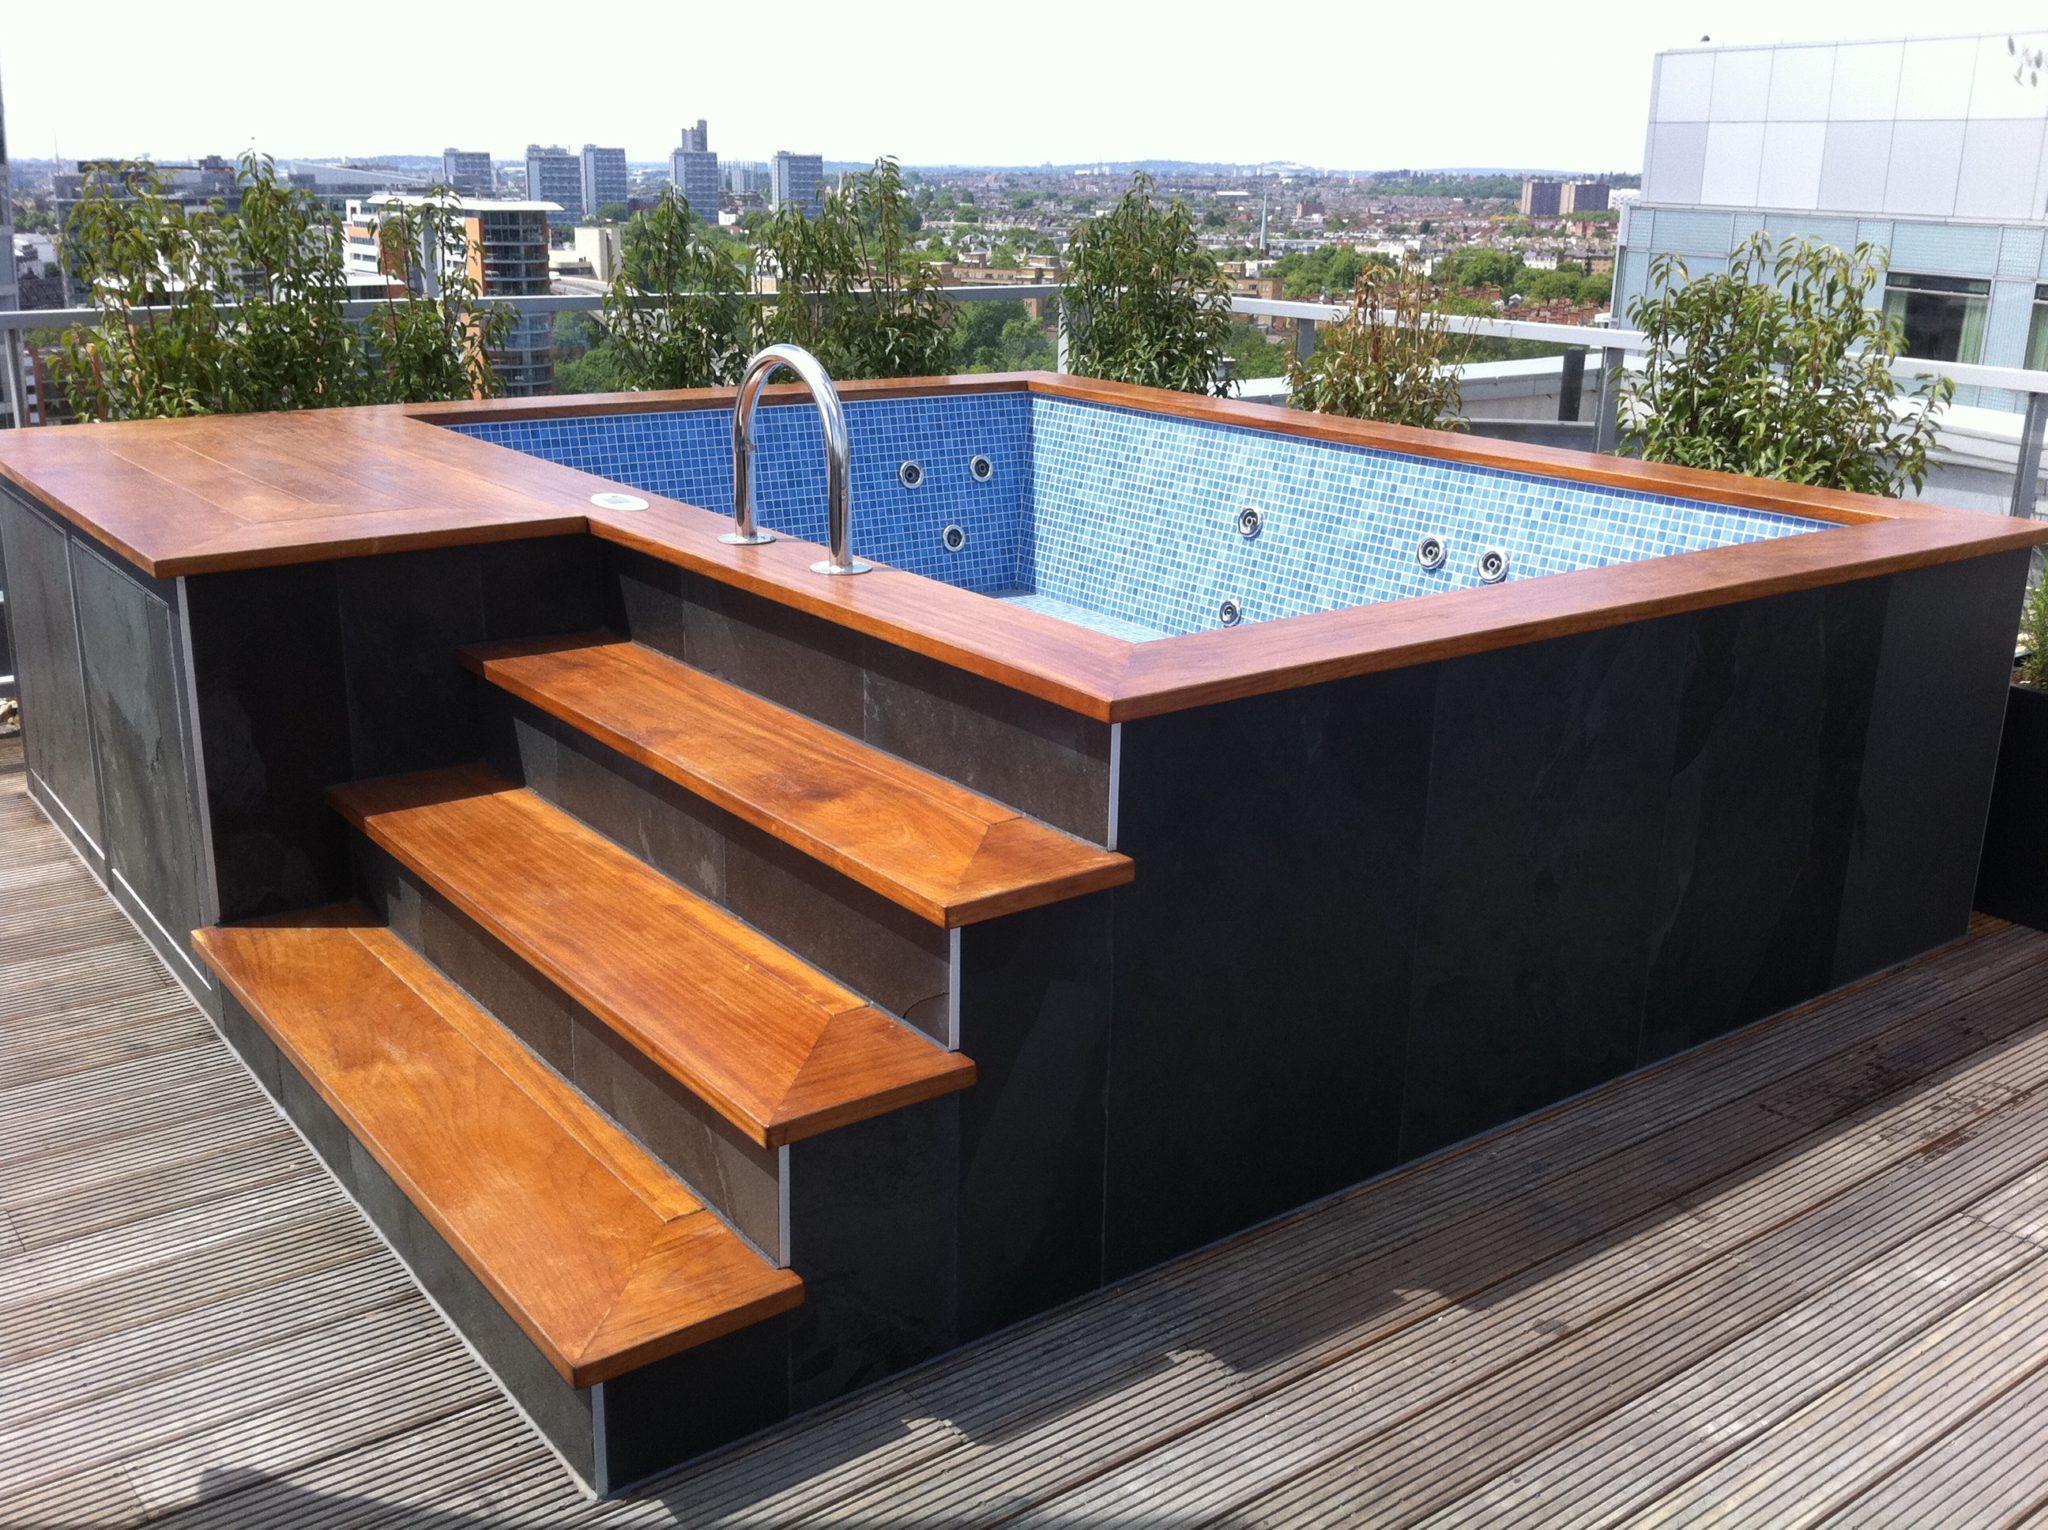 Large Entertainment Spas Swim Spa De La Mare